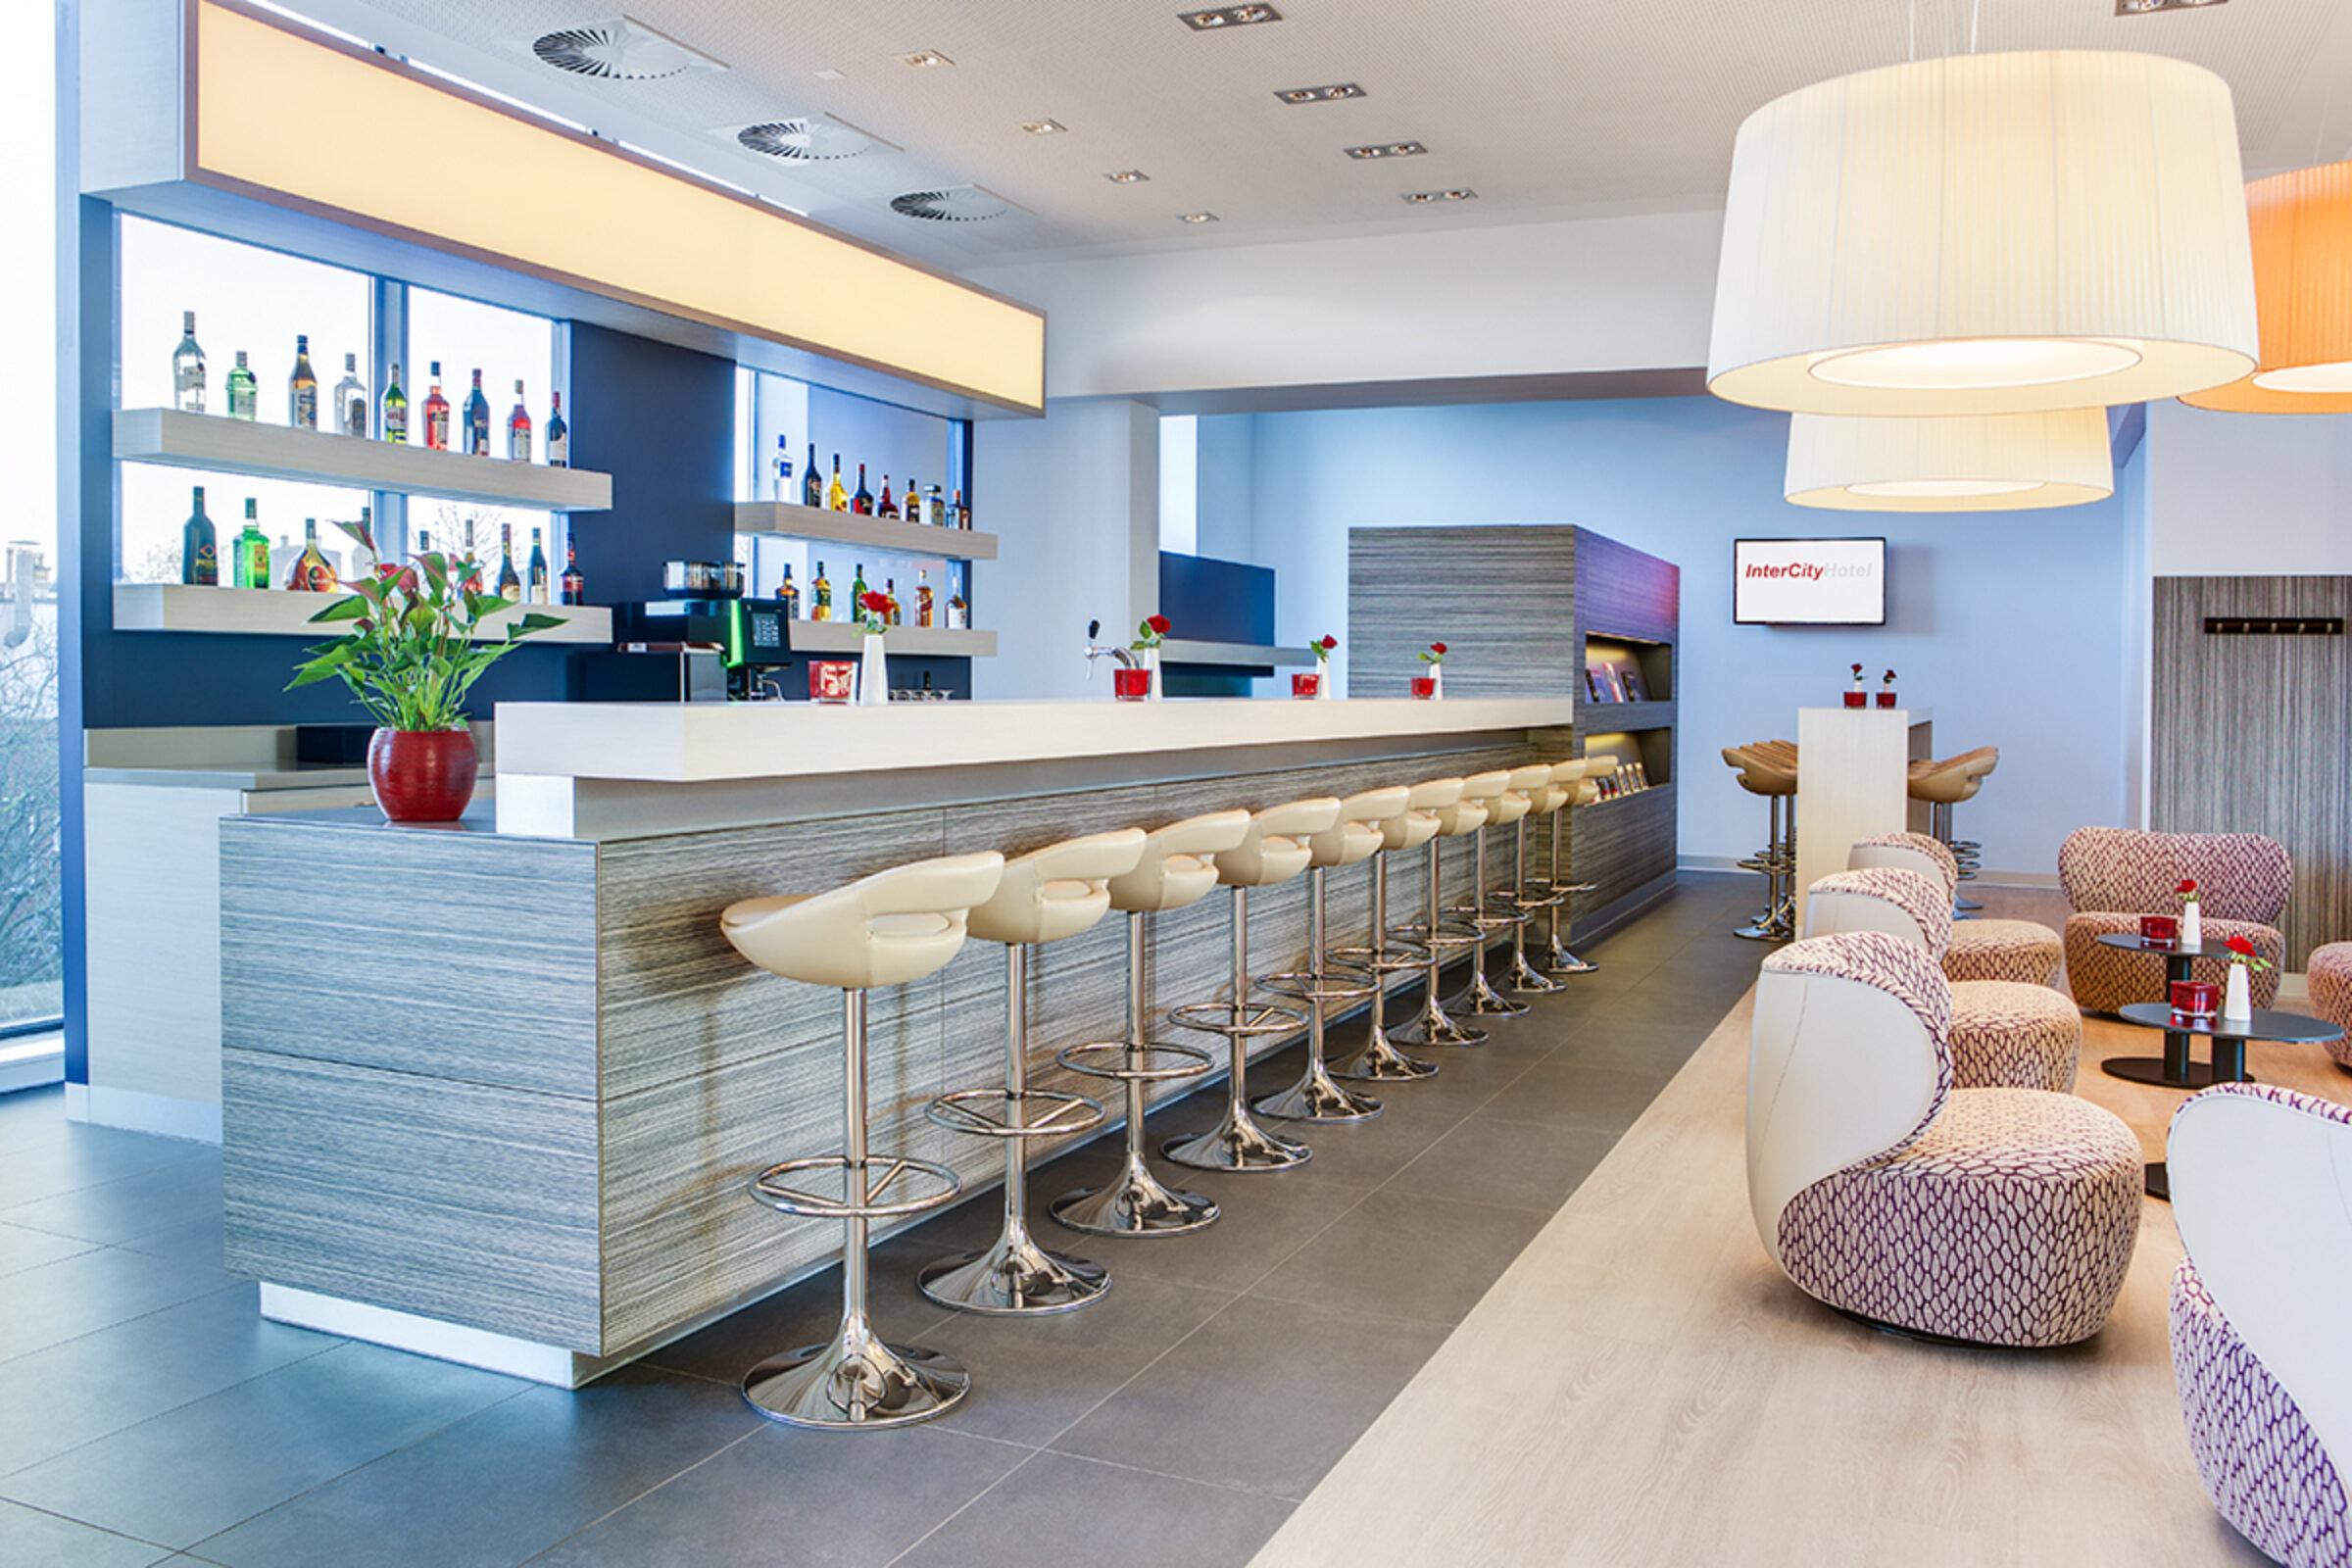 Intercity Hotel Enschede